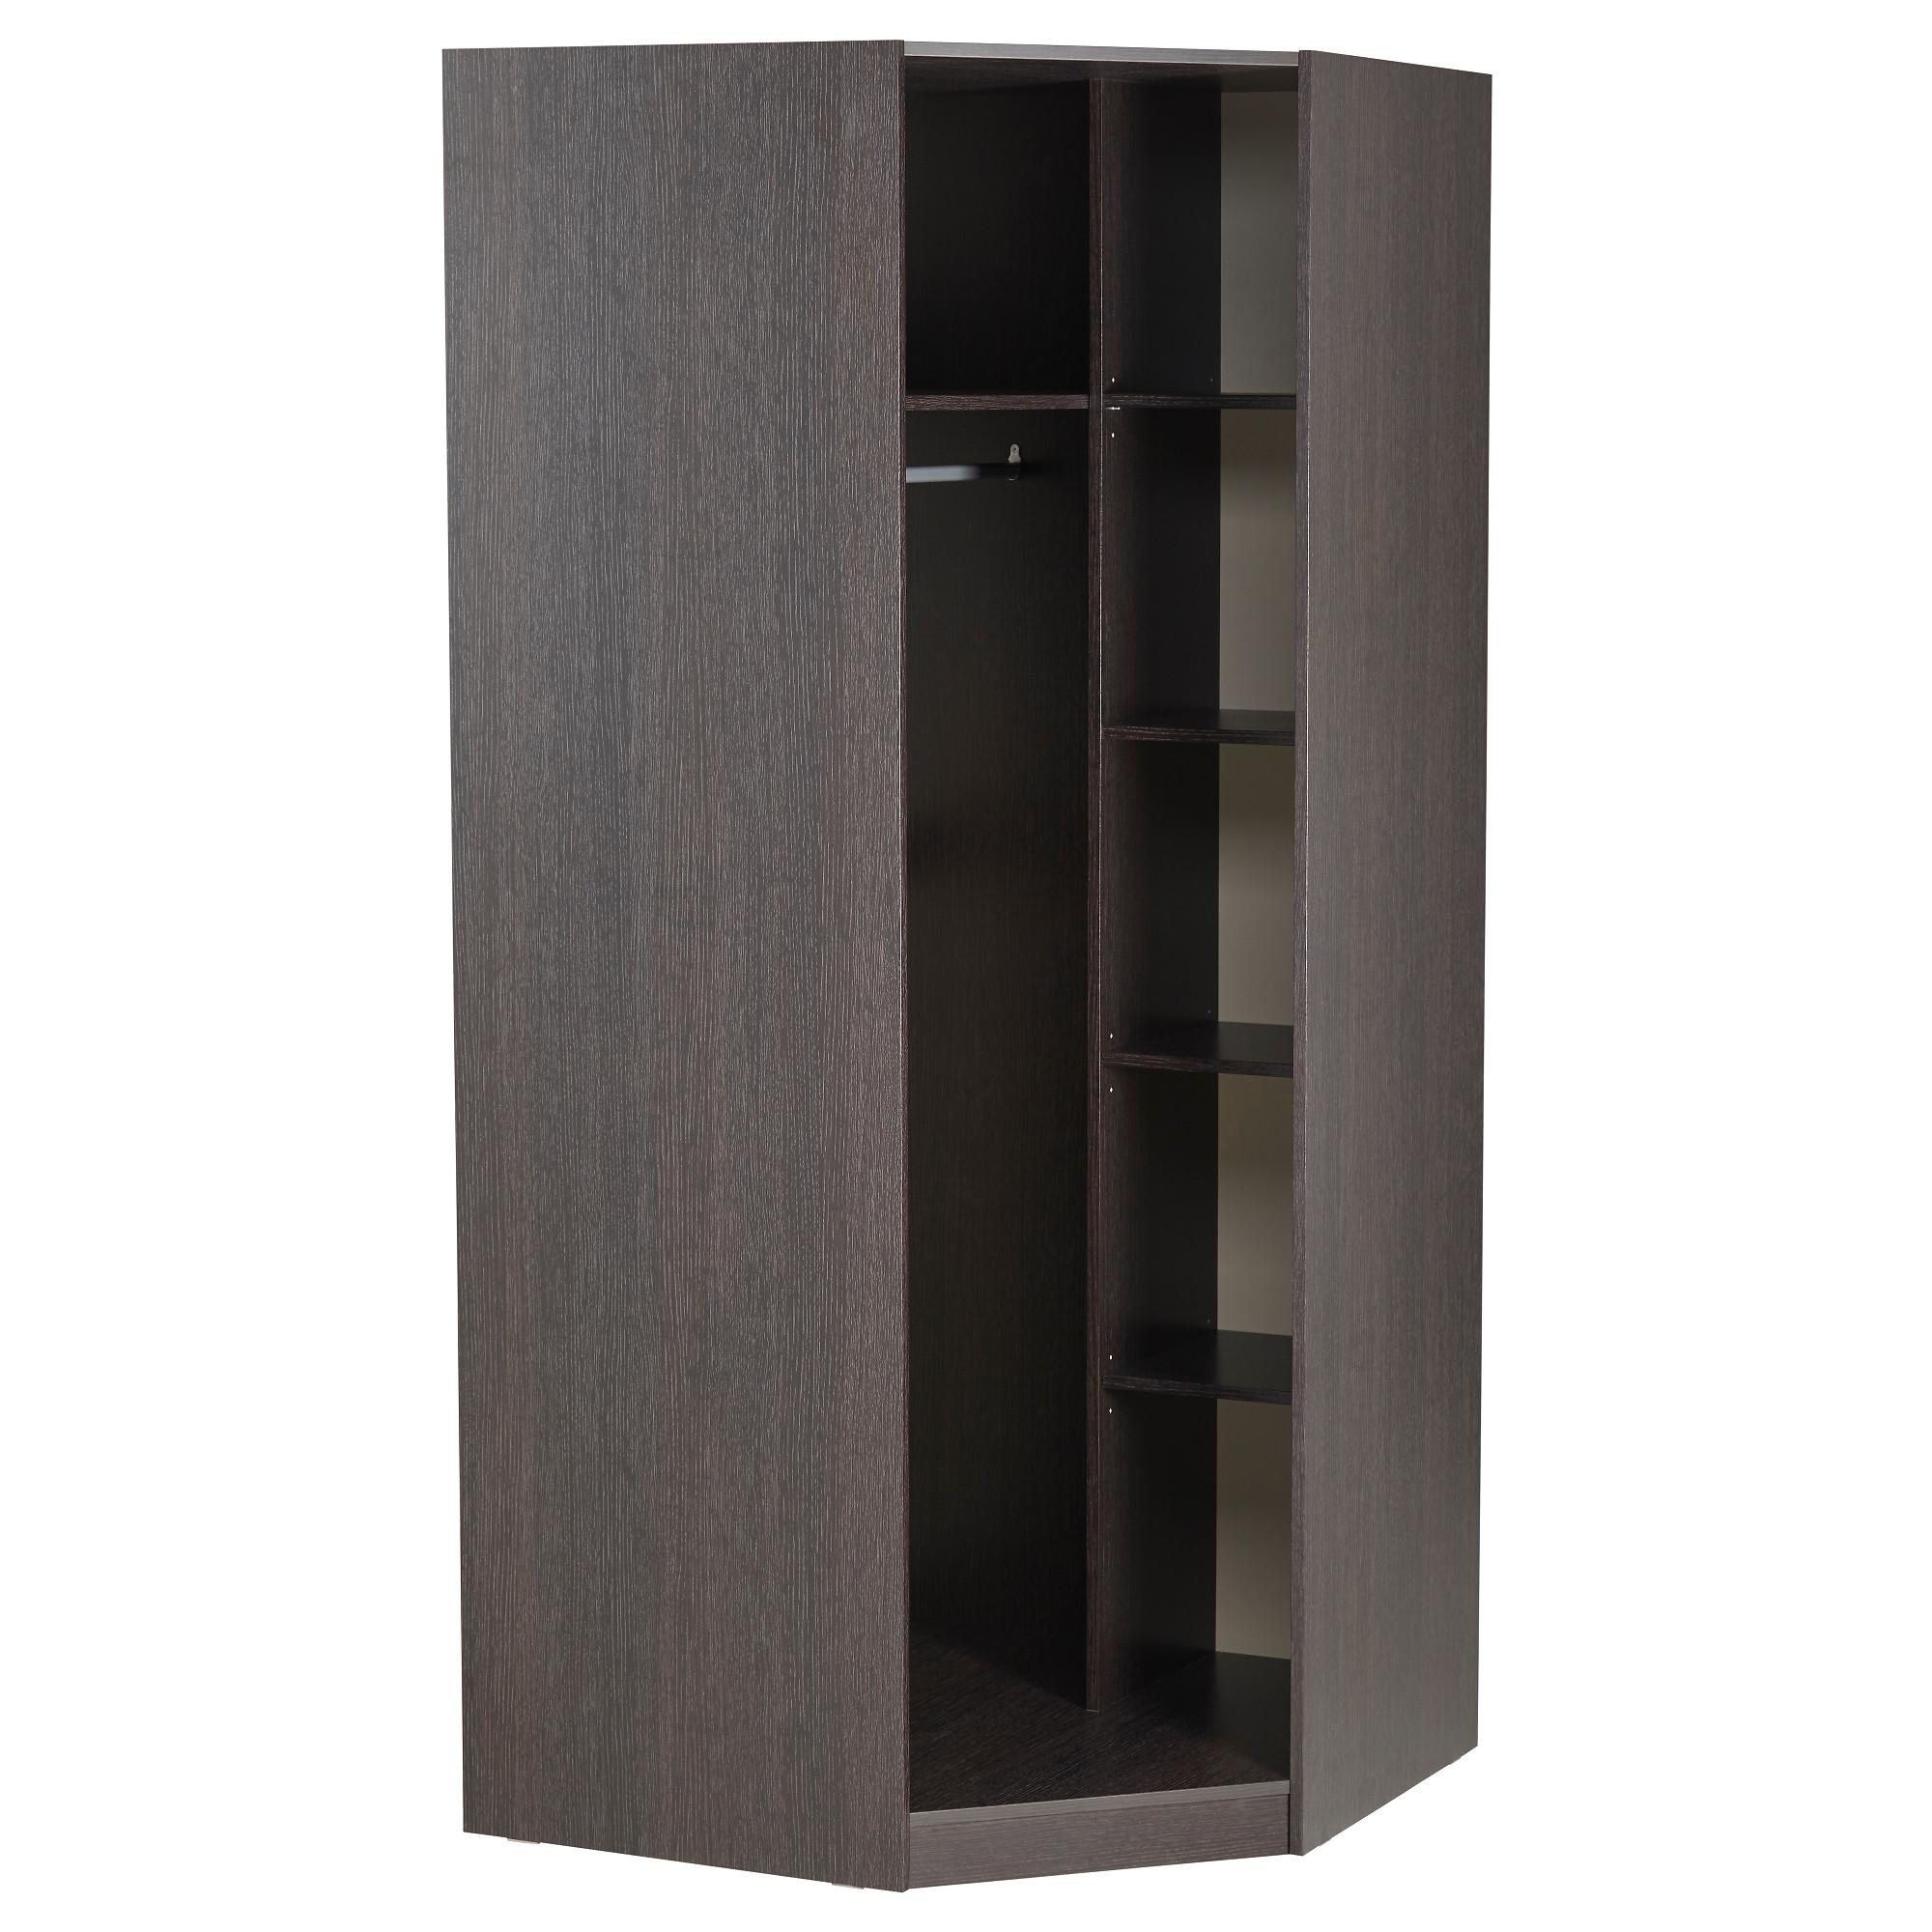 Купить гардероб угловой тодален, черно-коричневый в ikea (ми.